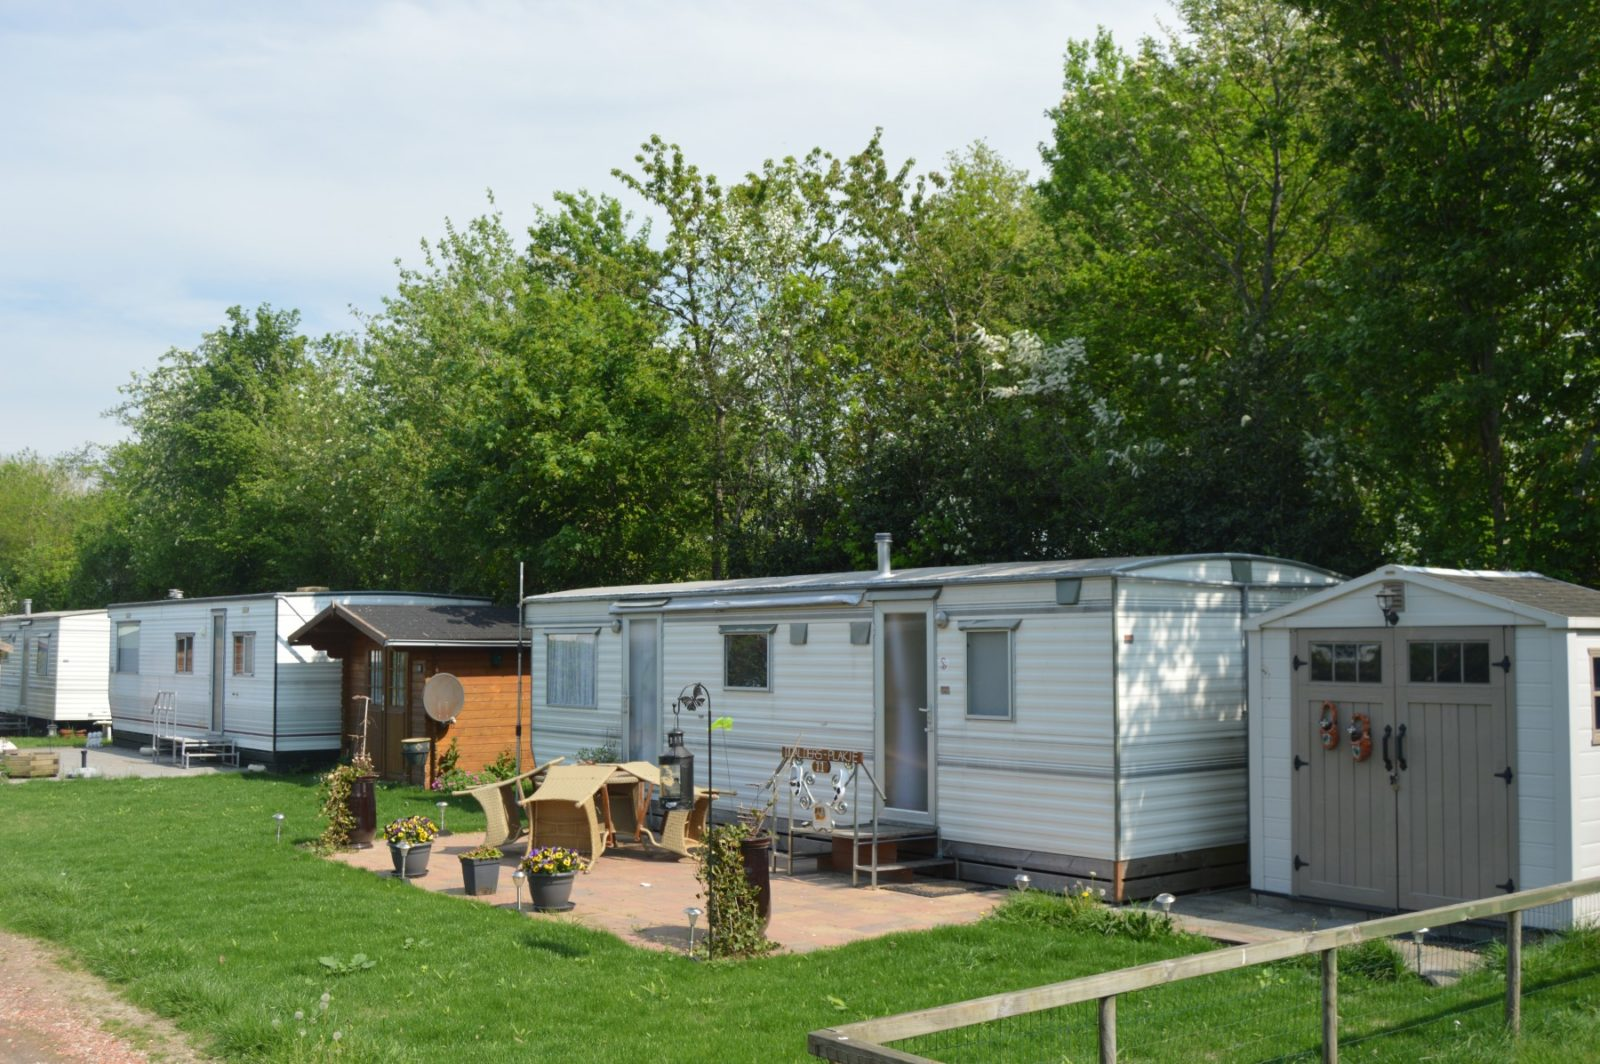 Vaste-standplaatsen-camping-rotandorp-drenthe 2